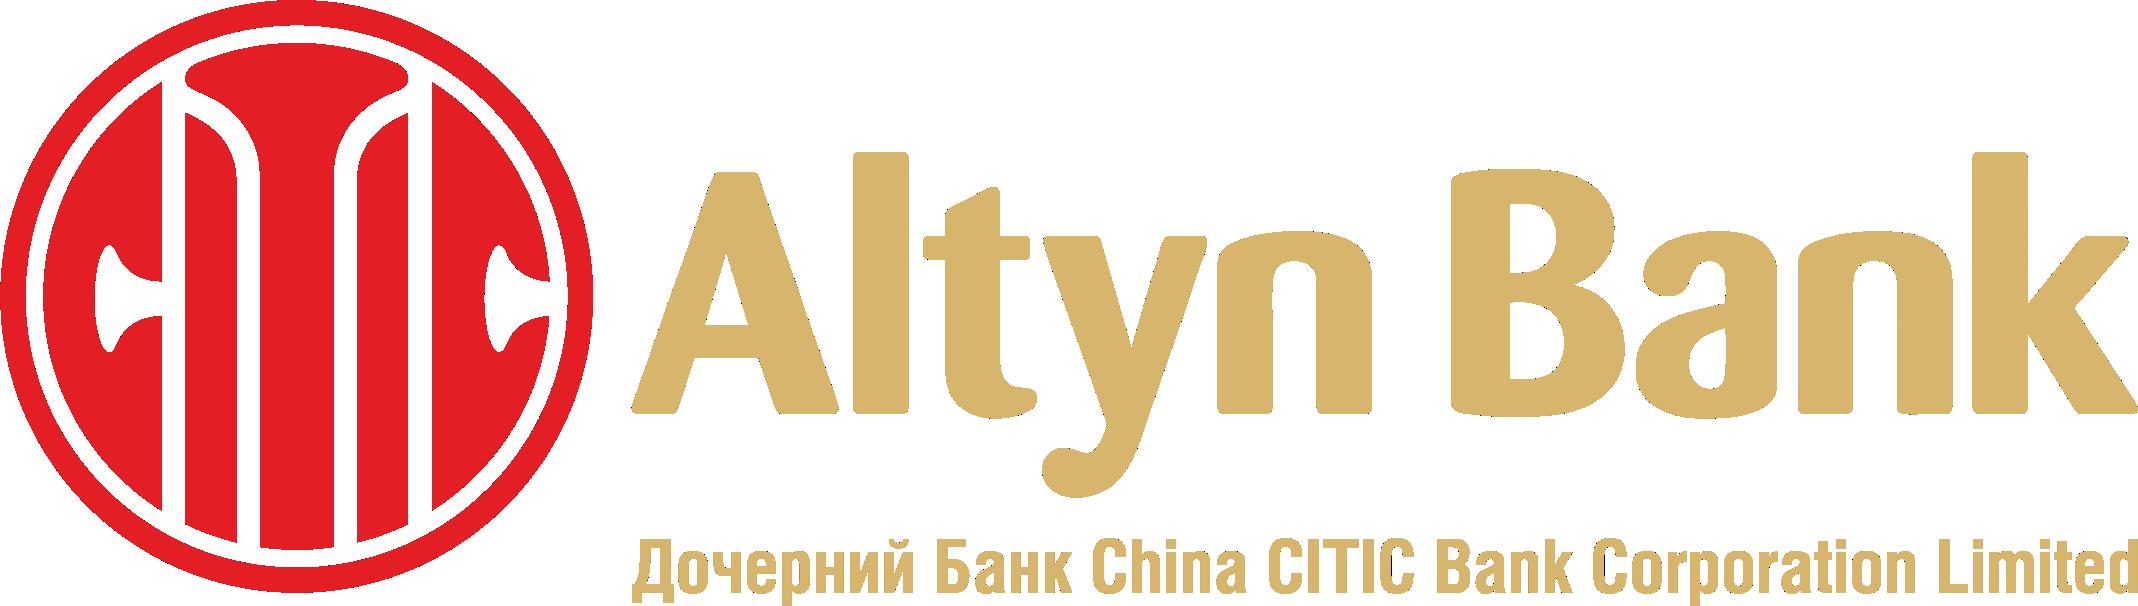 Altyn Bank: отзывы клиентов logo